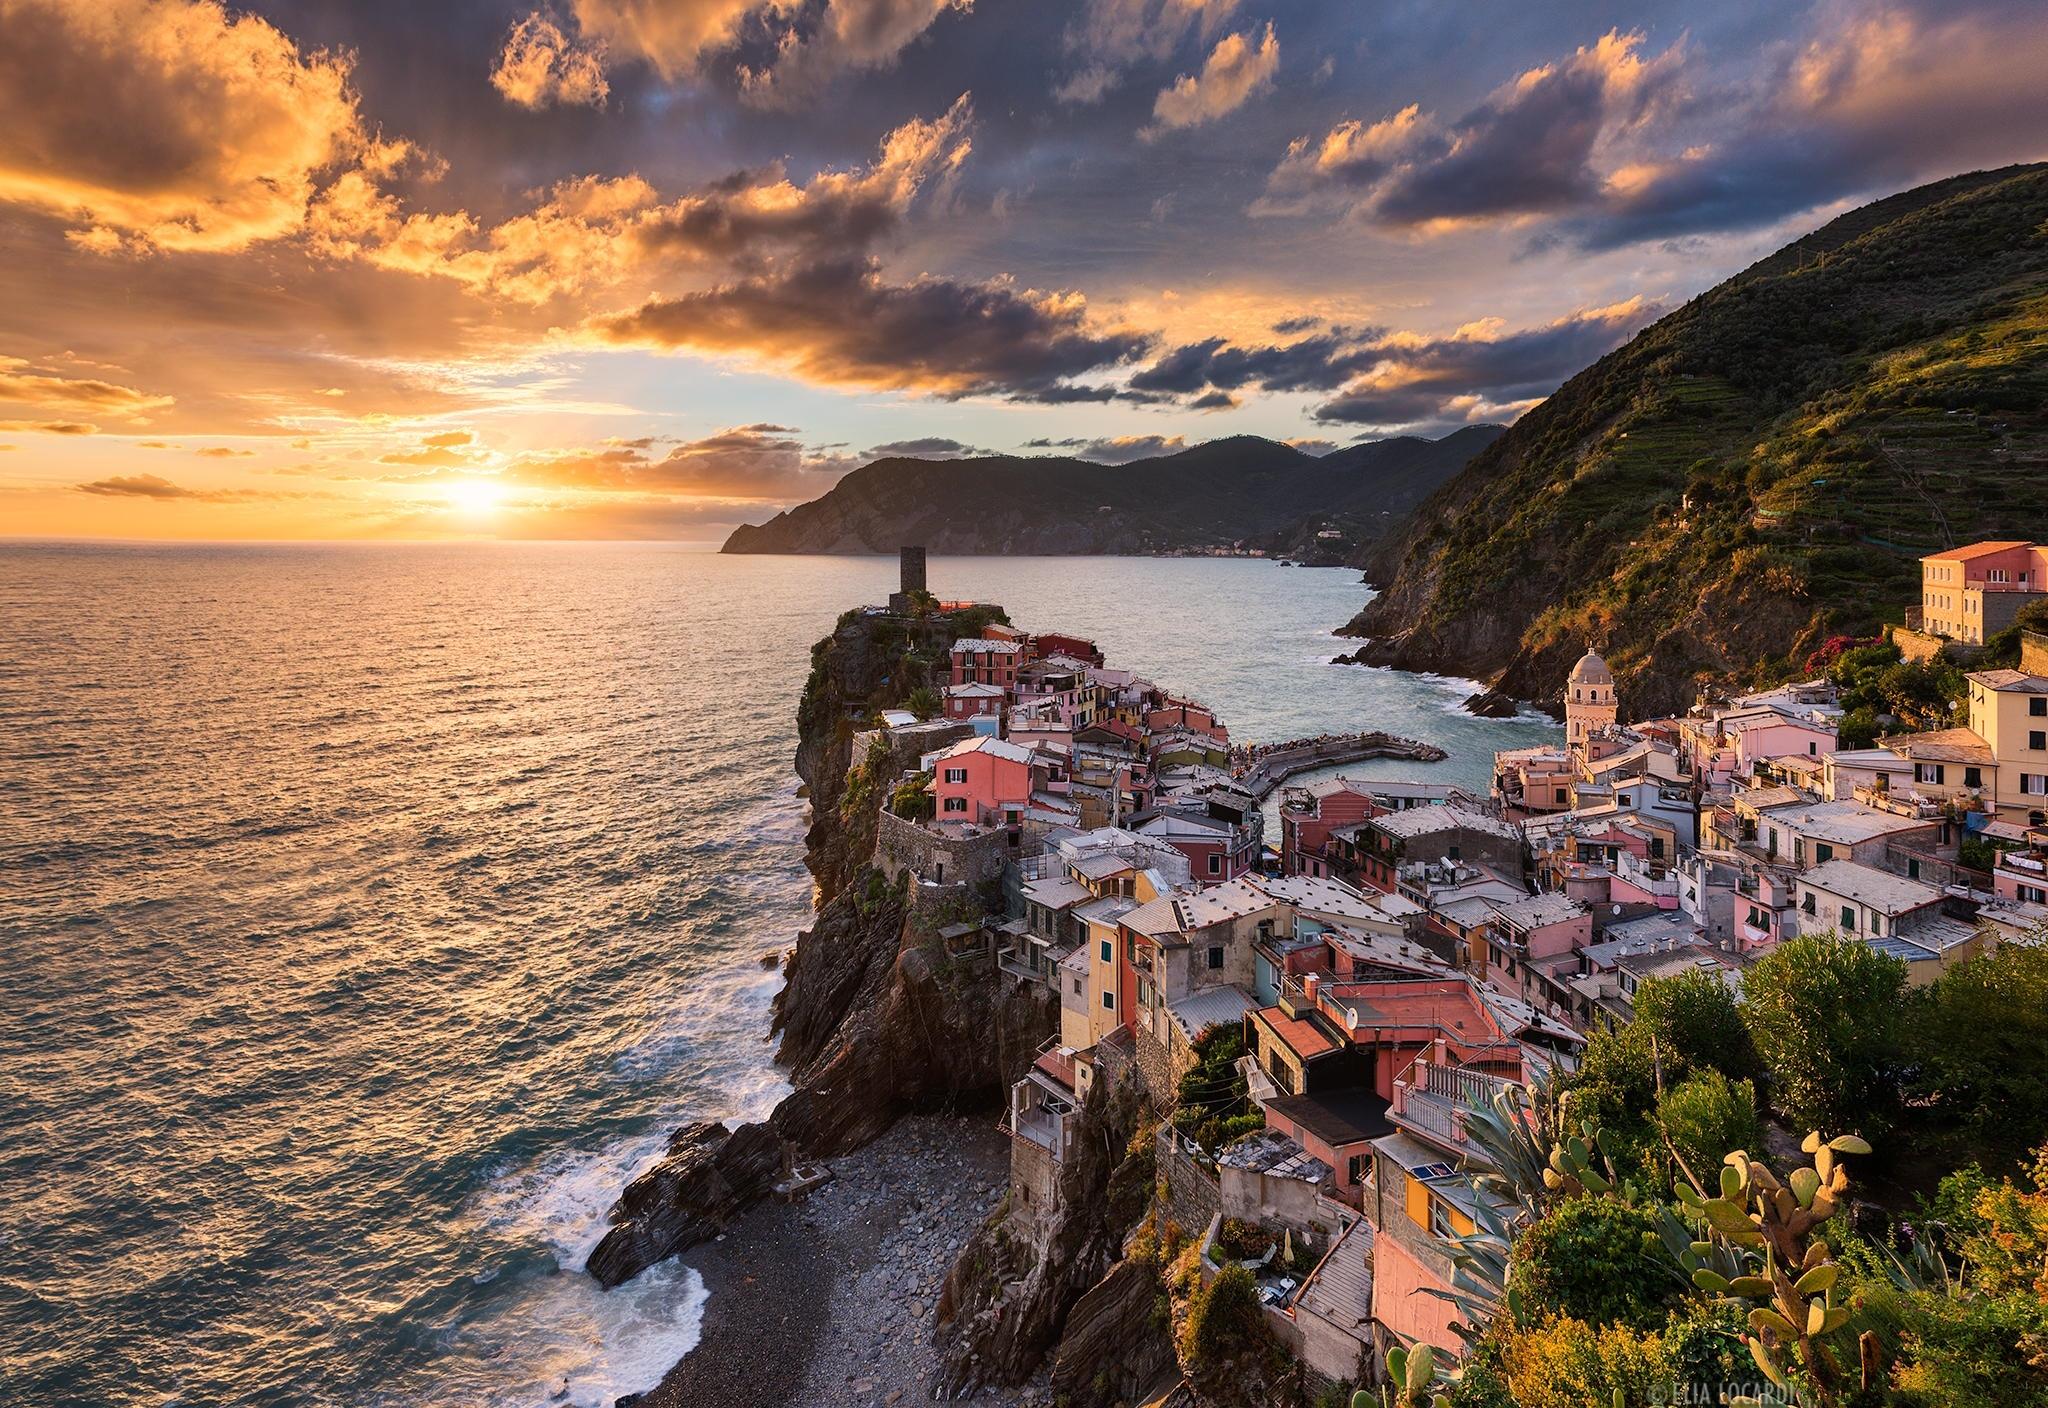 природа облака небо море Чинкве-Терре Италия  № 2798791 бесплатно